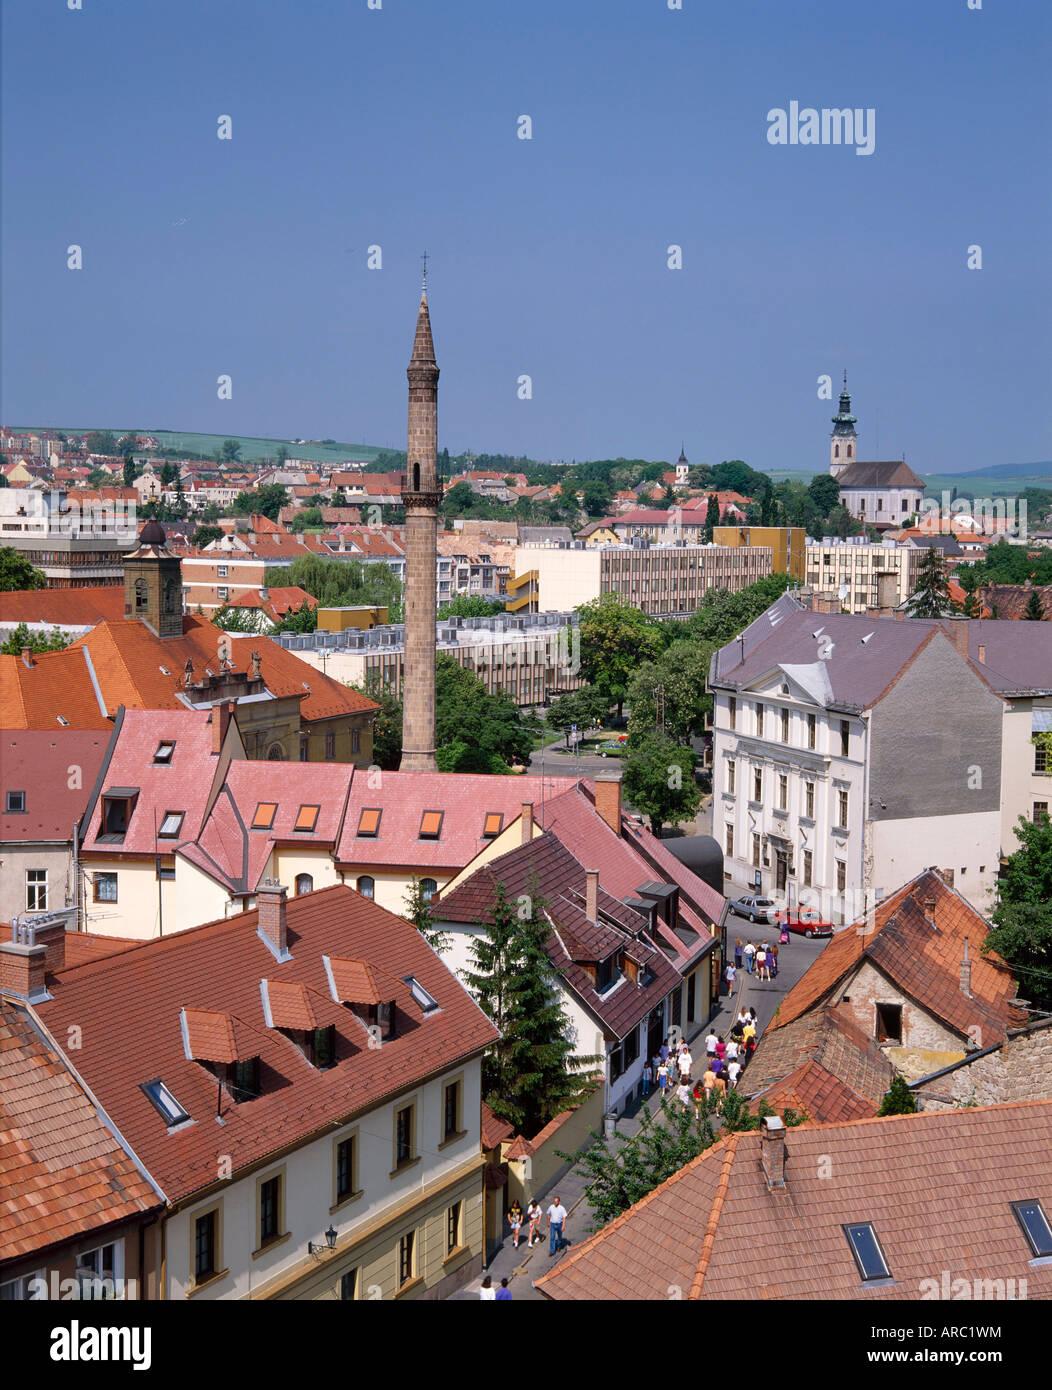 Häuser, die türkische Minarett und Kirchen in der Stadt von Eger, Ungarn Stockbild